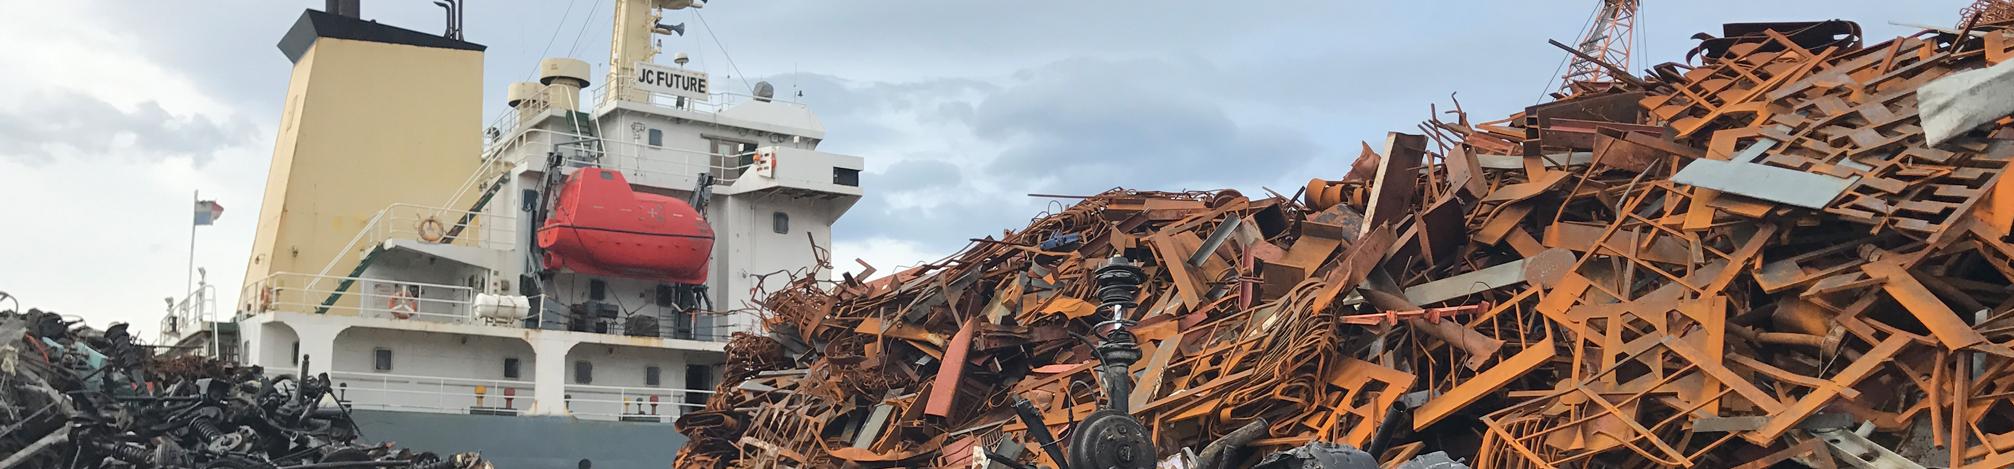 資源リユース(Reuse&再使用)事業と資源リサイクル(Recycle&再利用)事業を2本柱とし、積極的に推進して参ります。